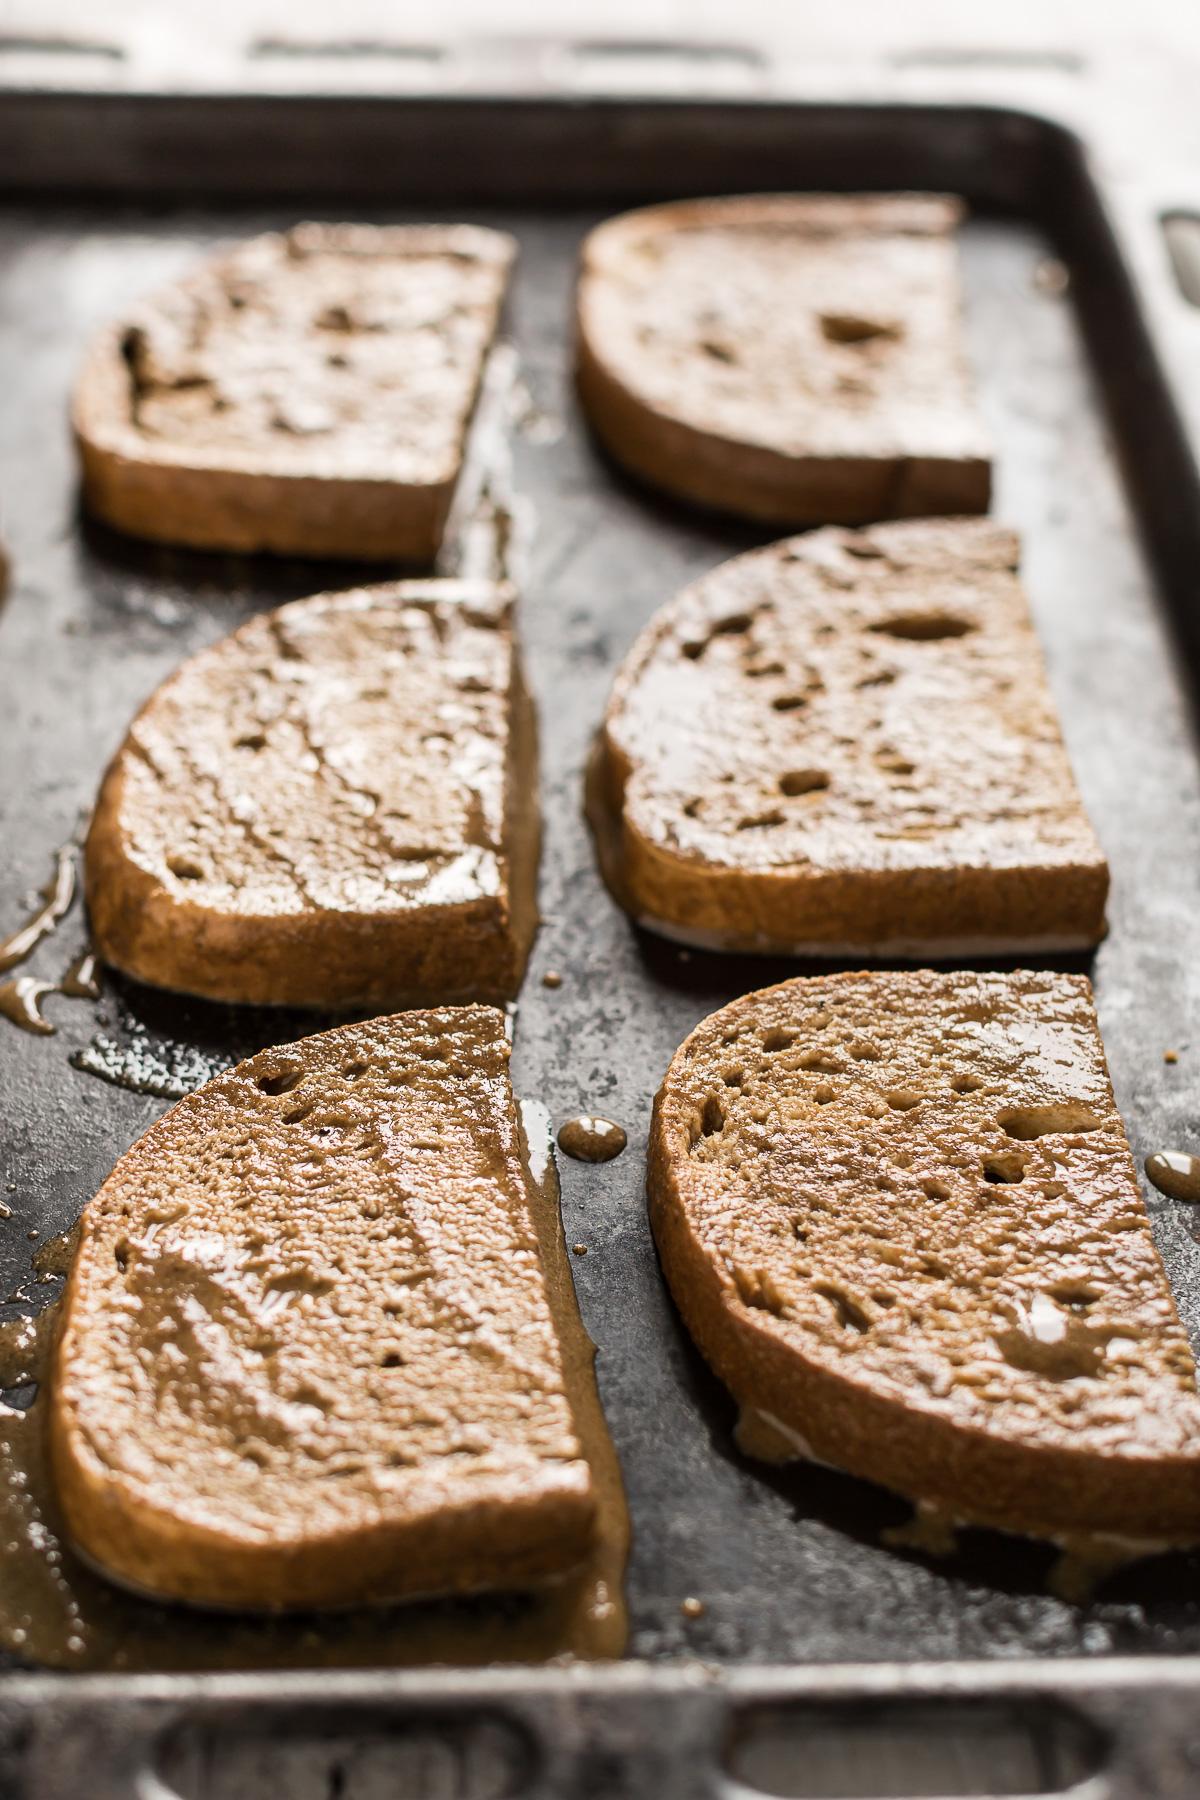 ricetta french toast vegano alla cannella senza glutine al forno - baked vegan cinnamon french toast